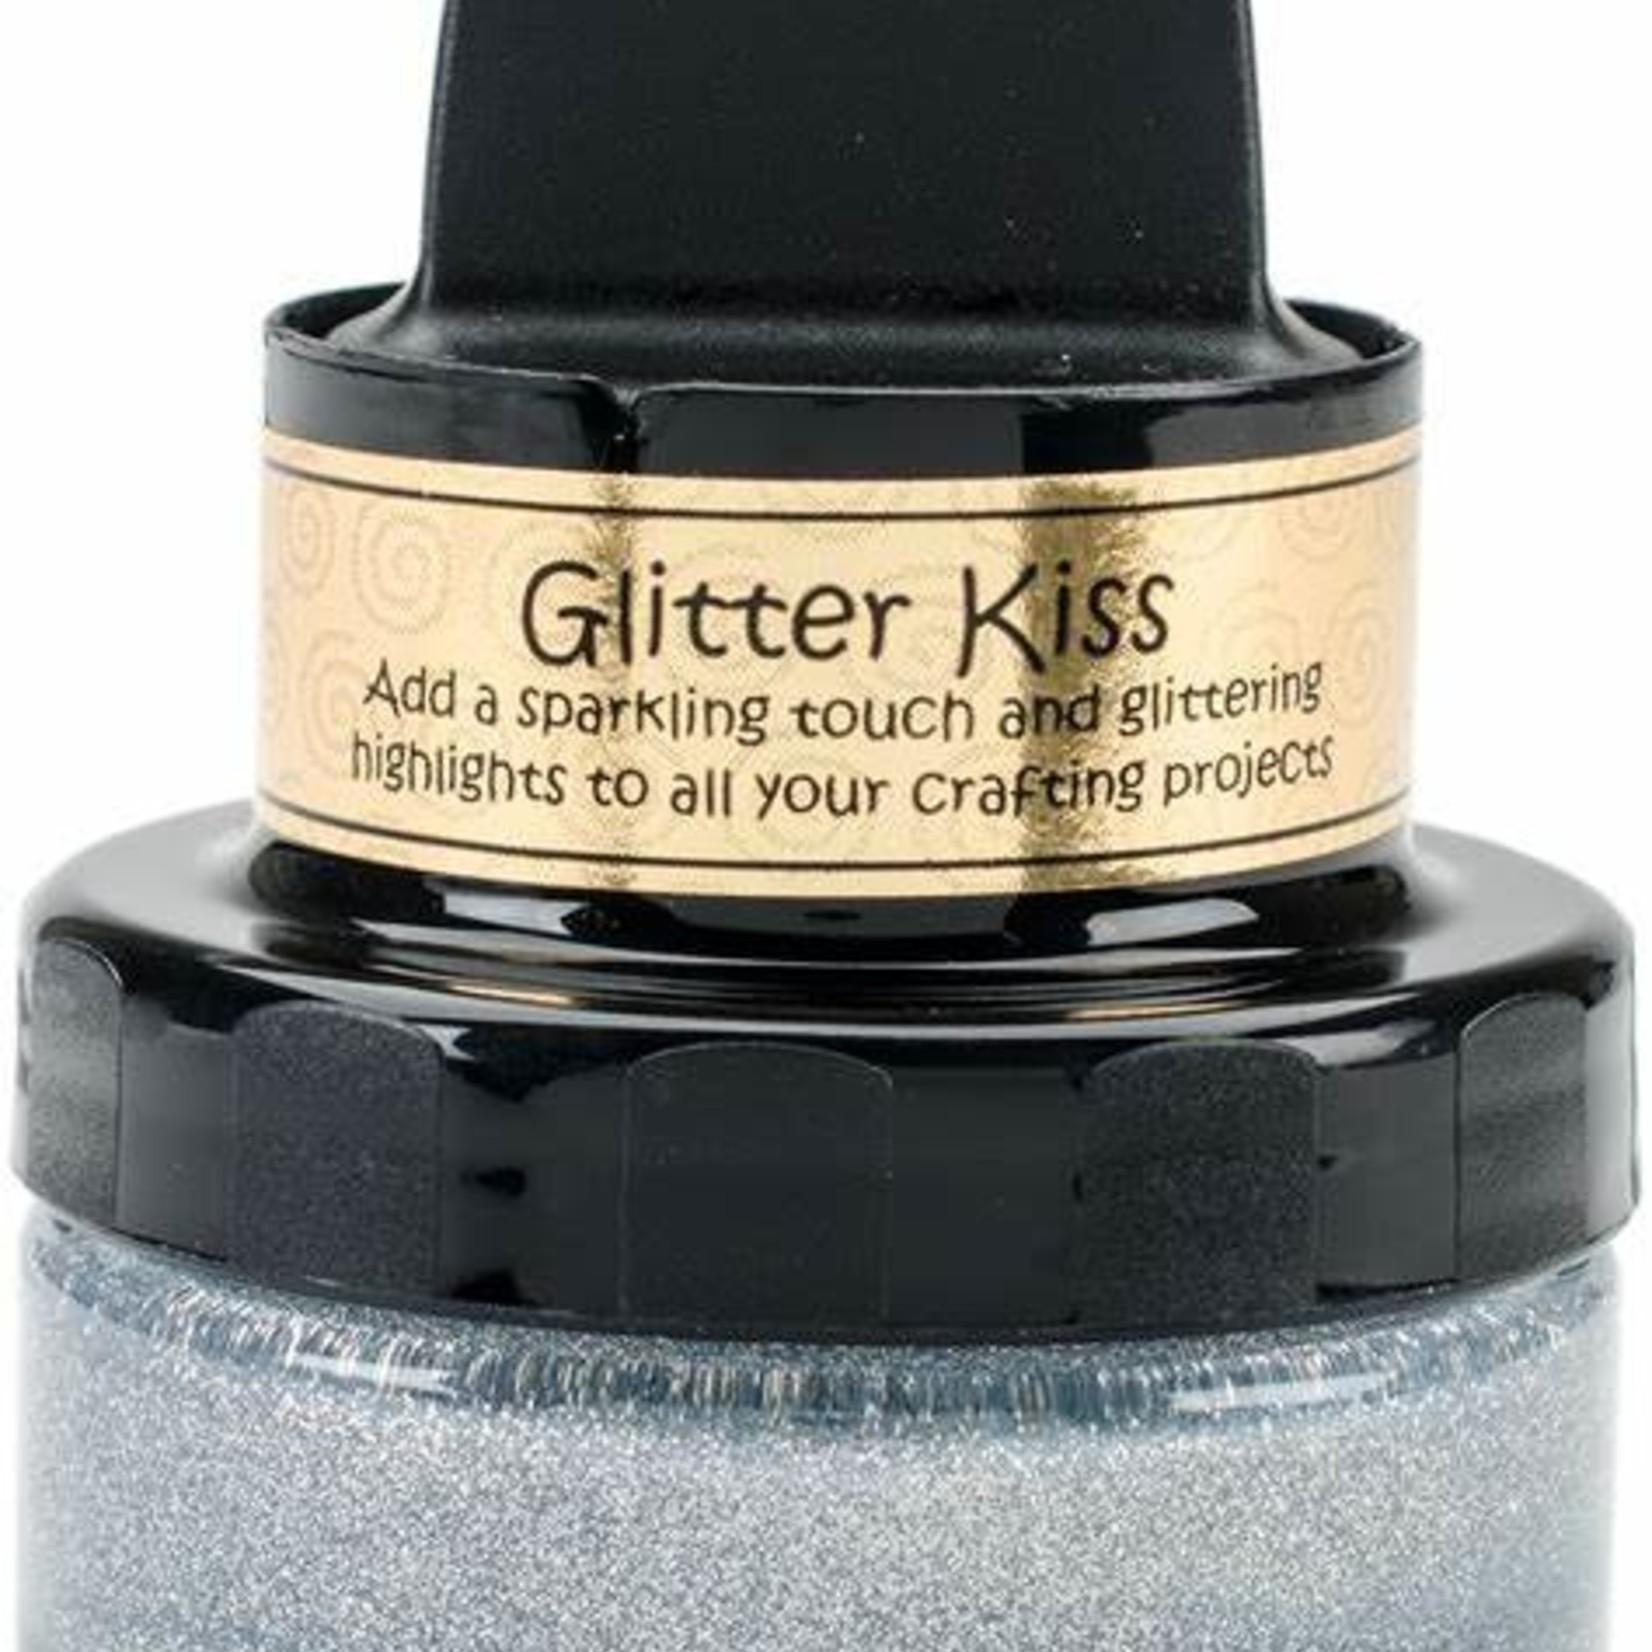 Cosmic Shimmer Cosmic Shimmer Glitter Kiss